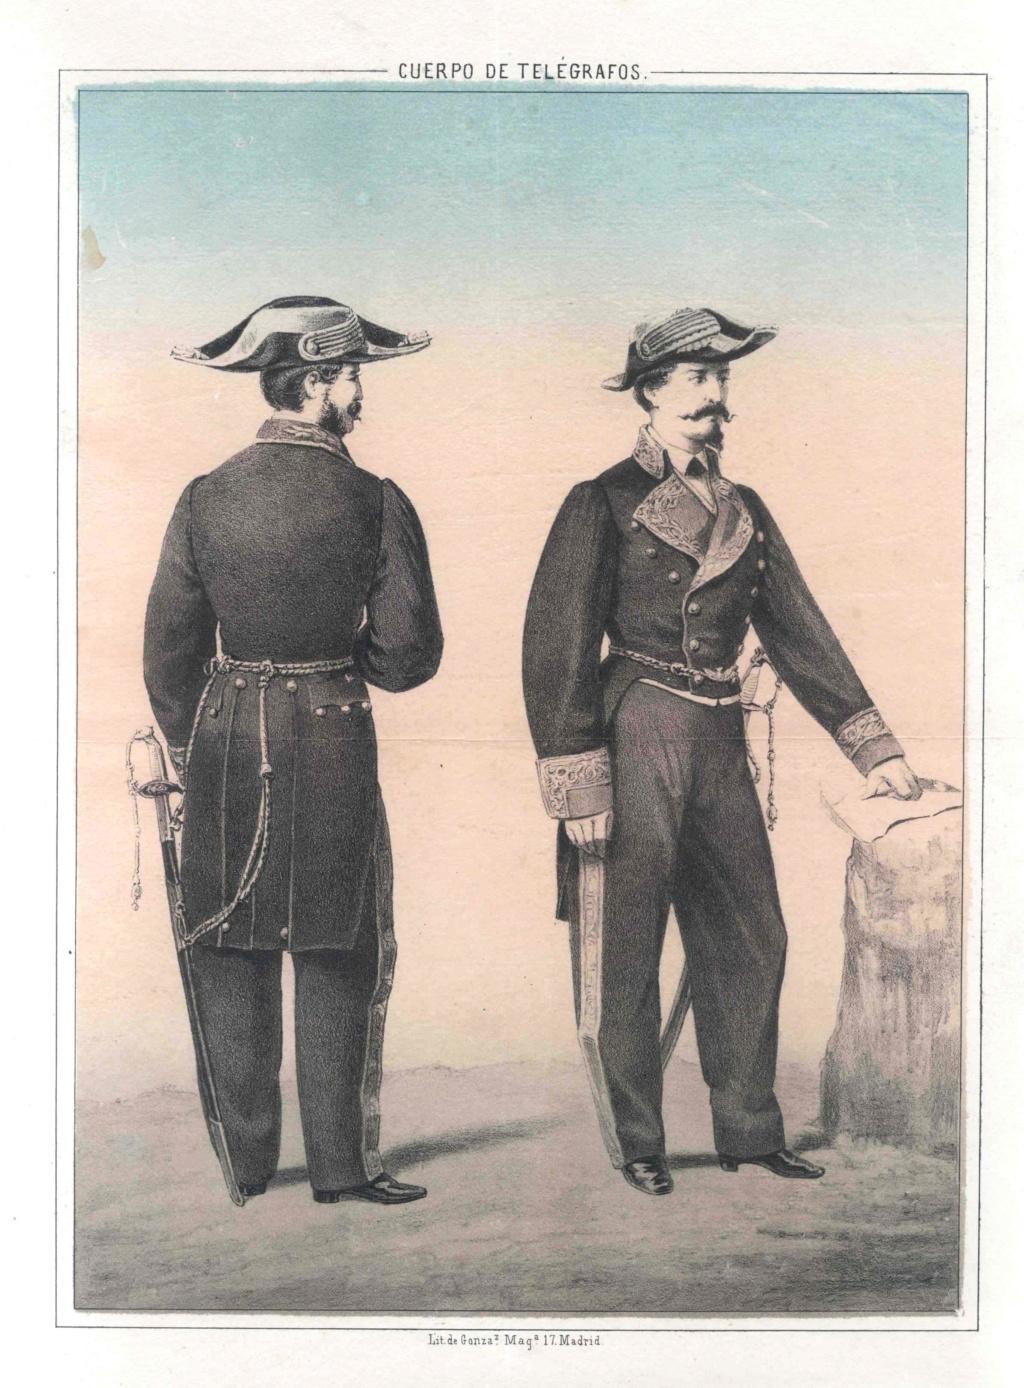 Joli sabre non militaire du 19è siècle Imagen30